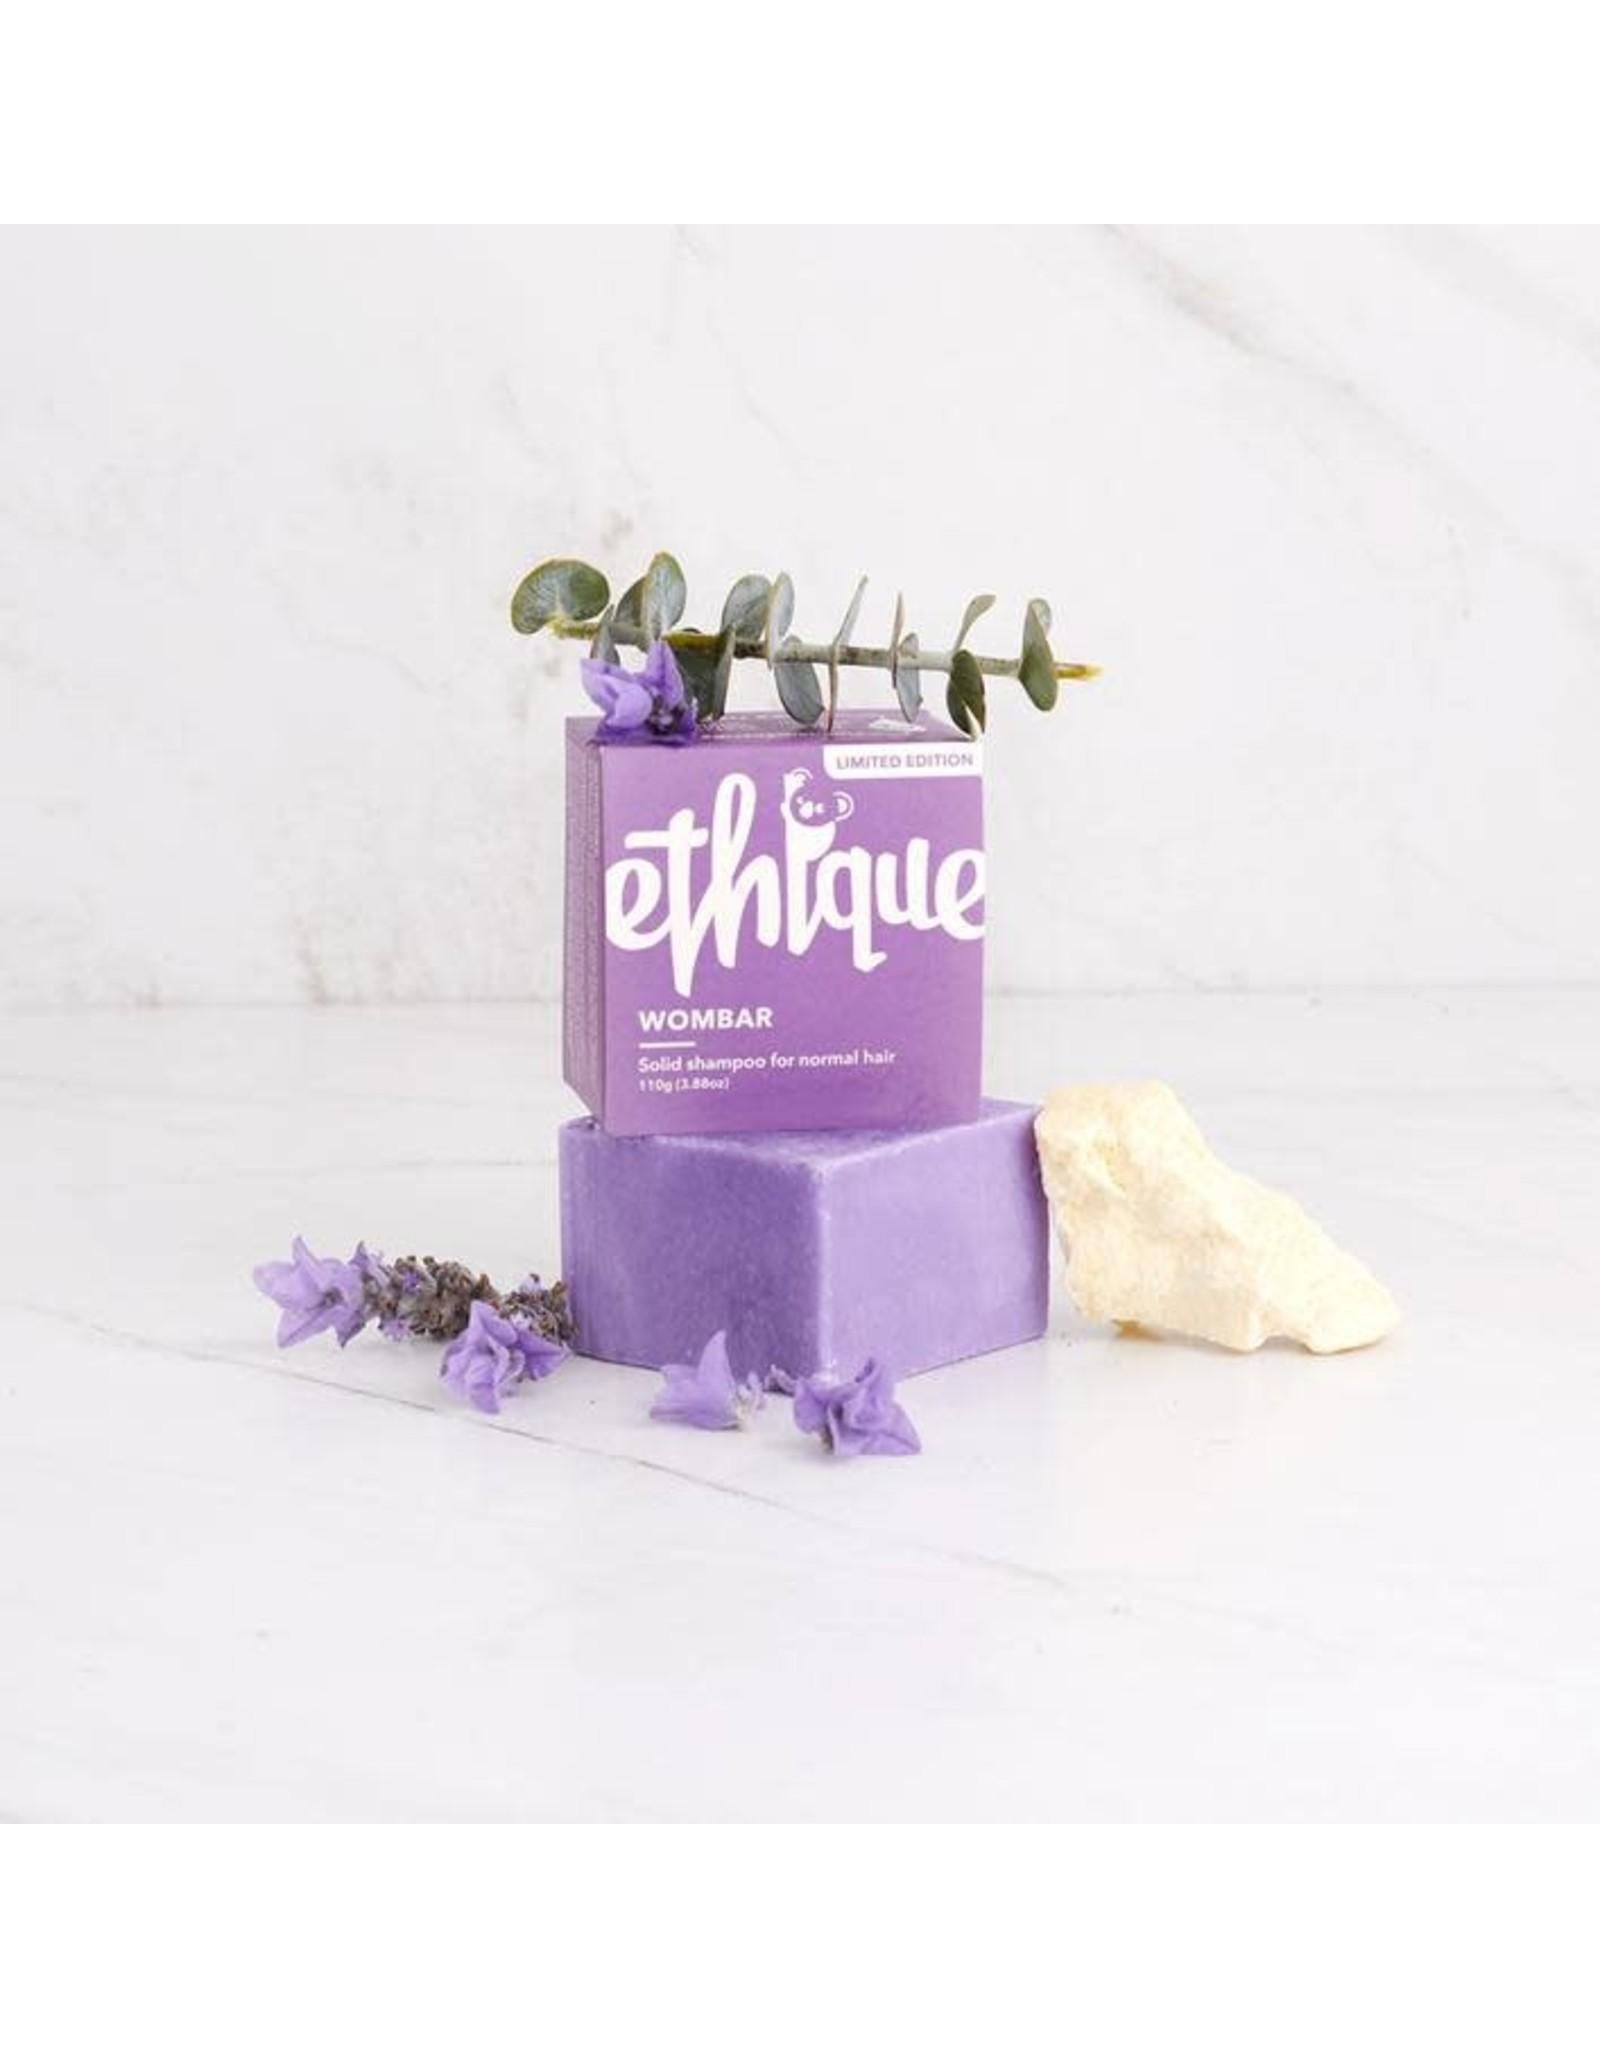 Ethique Solid Shampoo Bar Wombar (Normal Hair) 110g